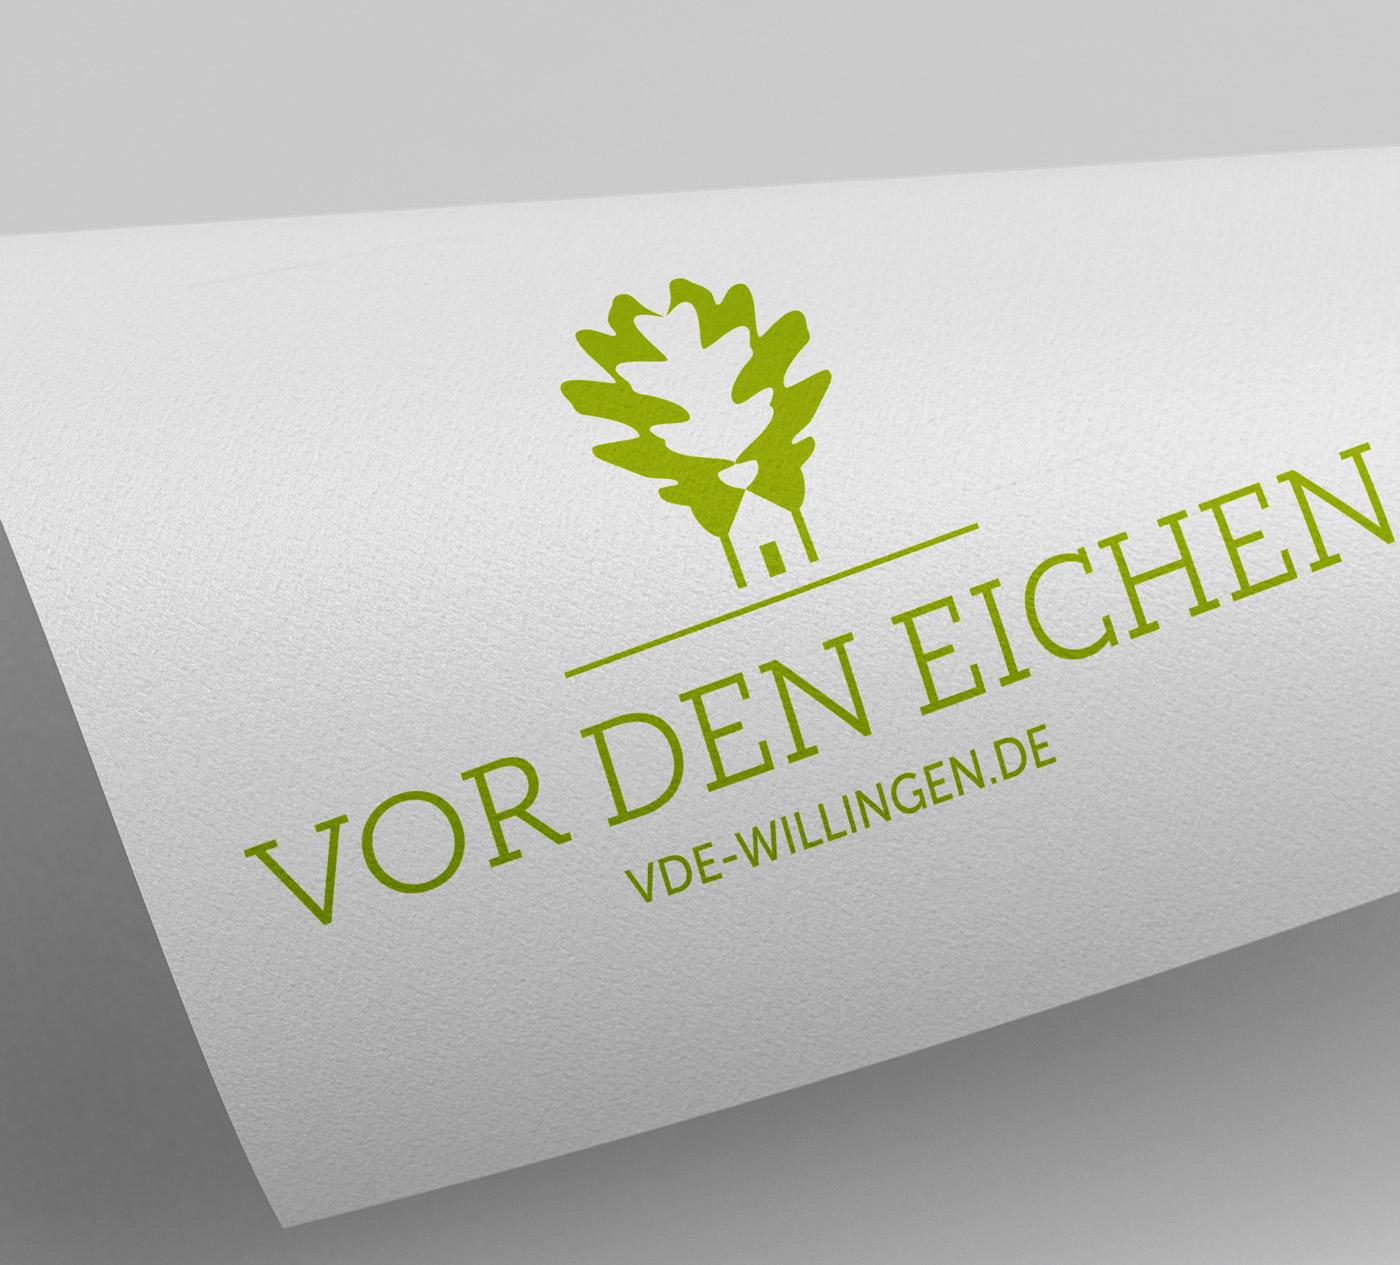 VDE-Logo